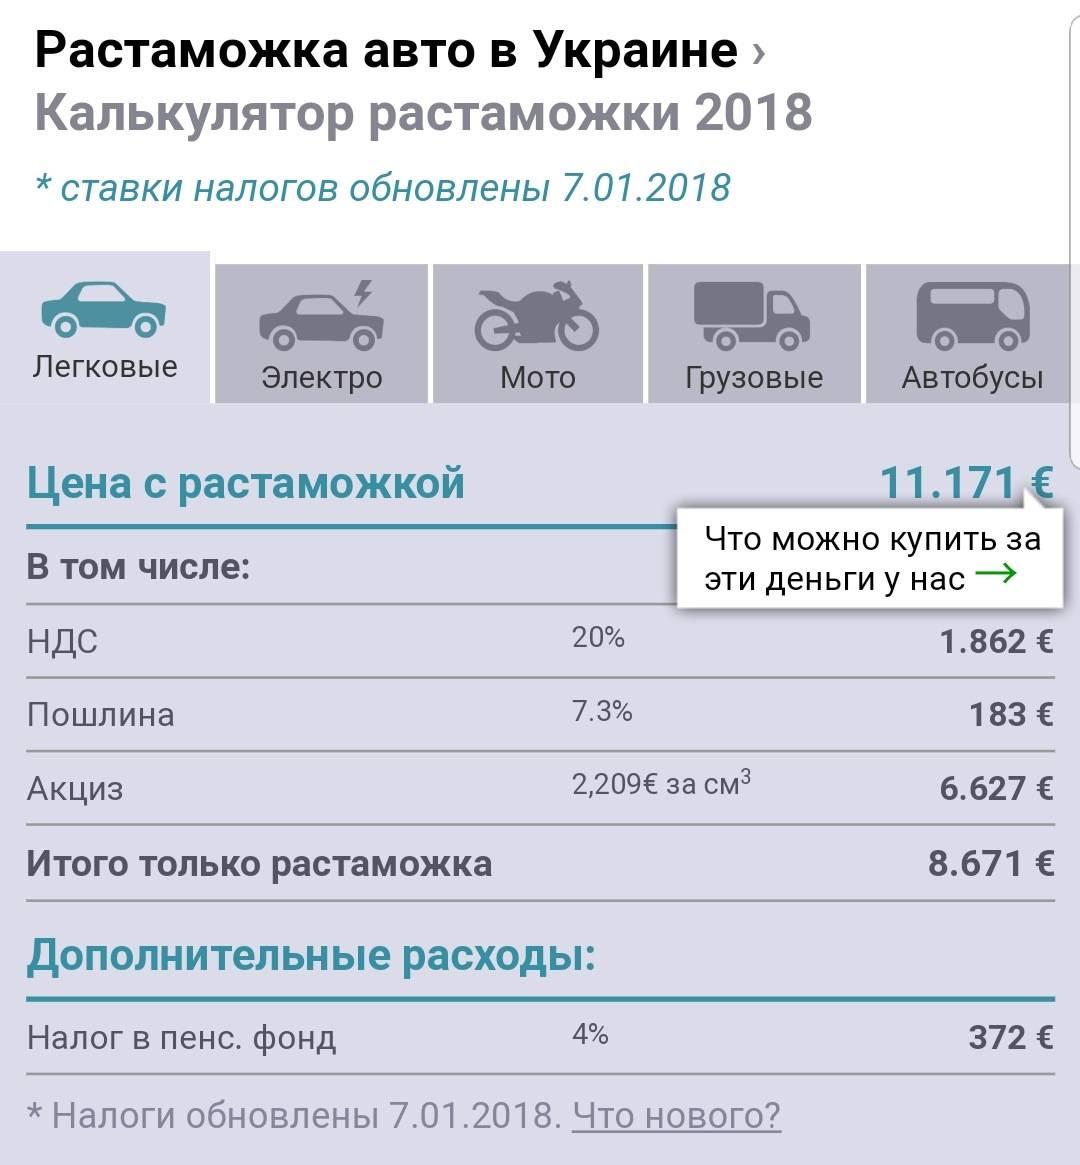 Сколько стоит растаможка авто из германии?